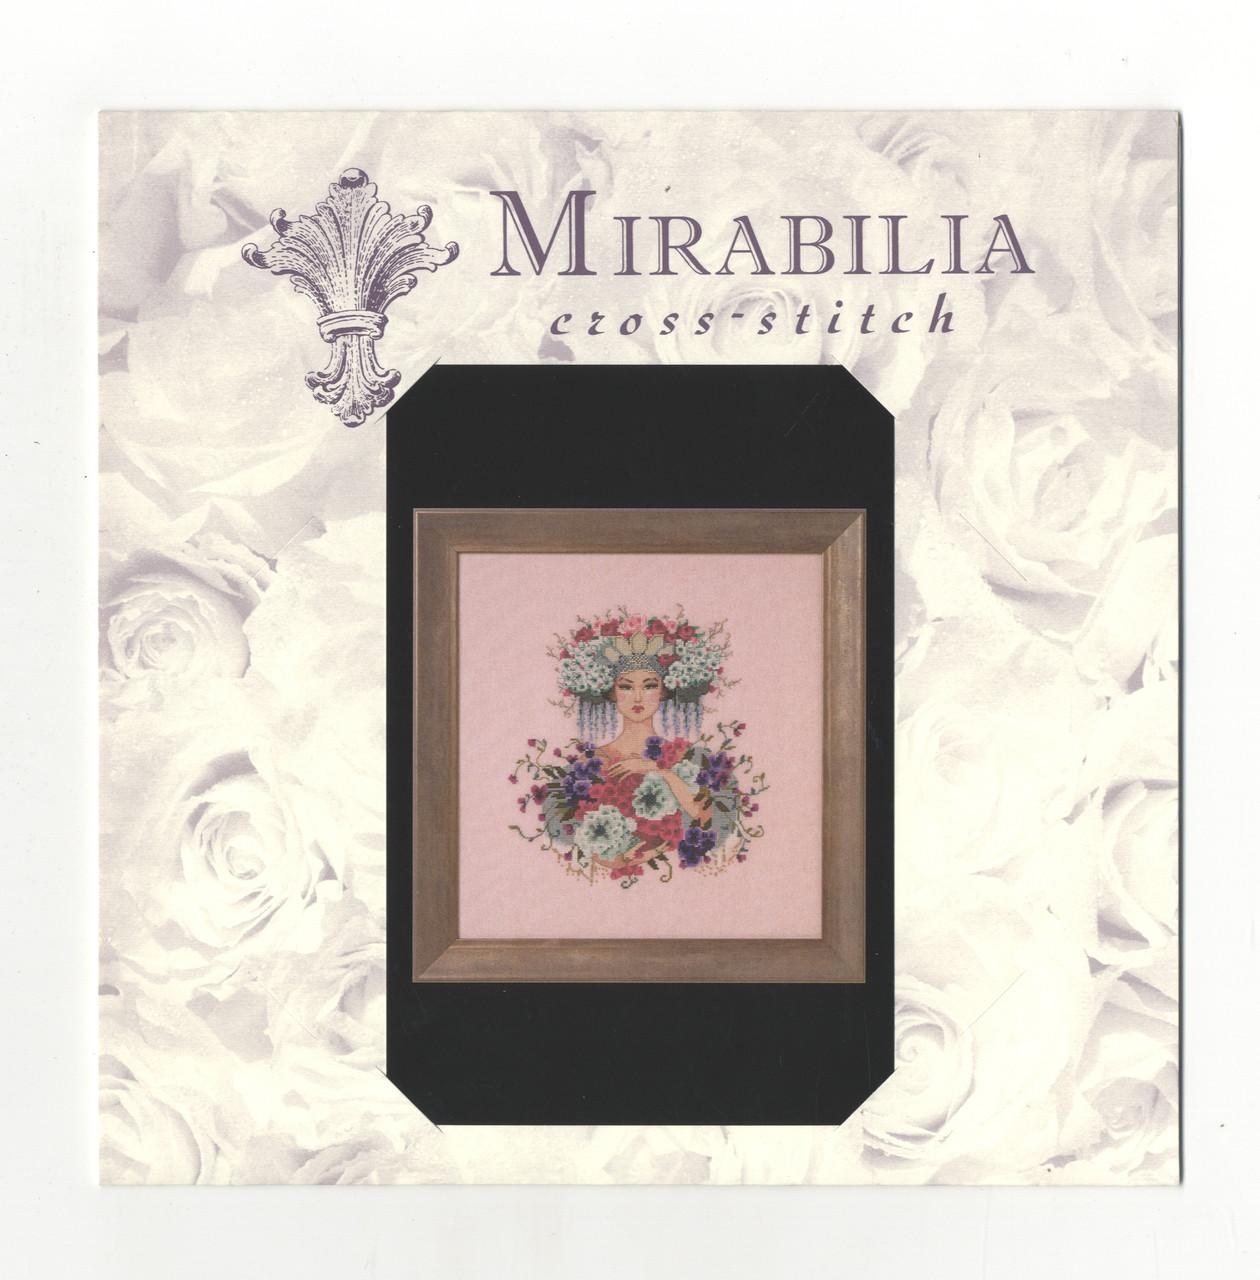 Mirabilia - Botanical Garden